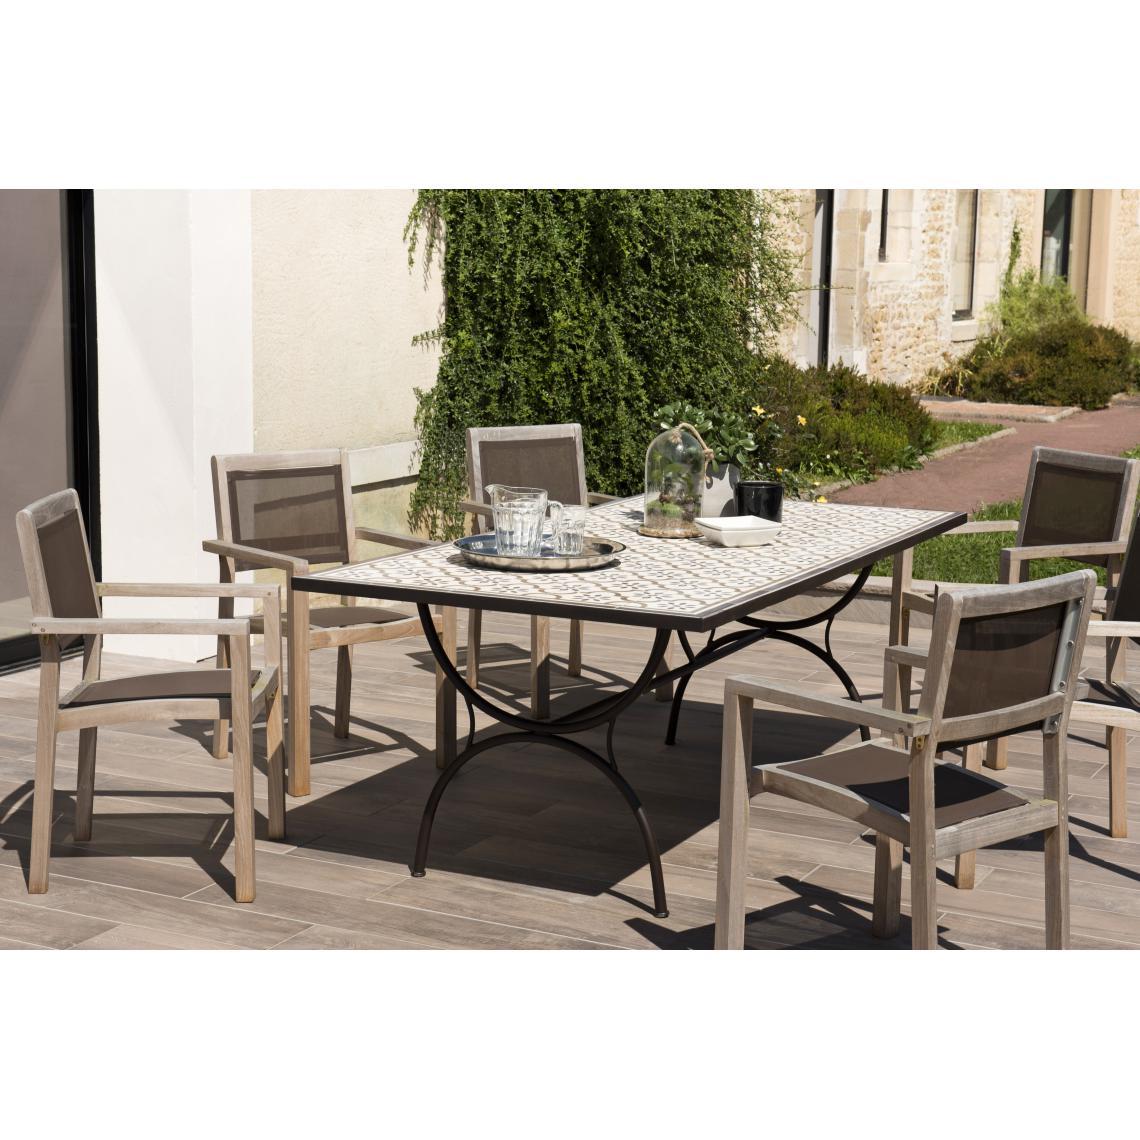 Salon De Jardin Carreau De Ciment table rectangulaire plateau carreaux de ciment 203x102cm - pieds métal plus  de détails